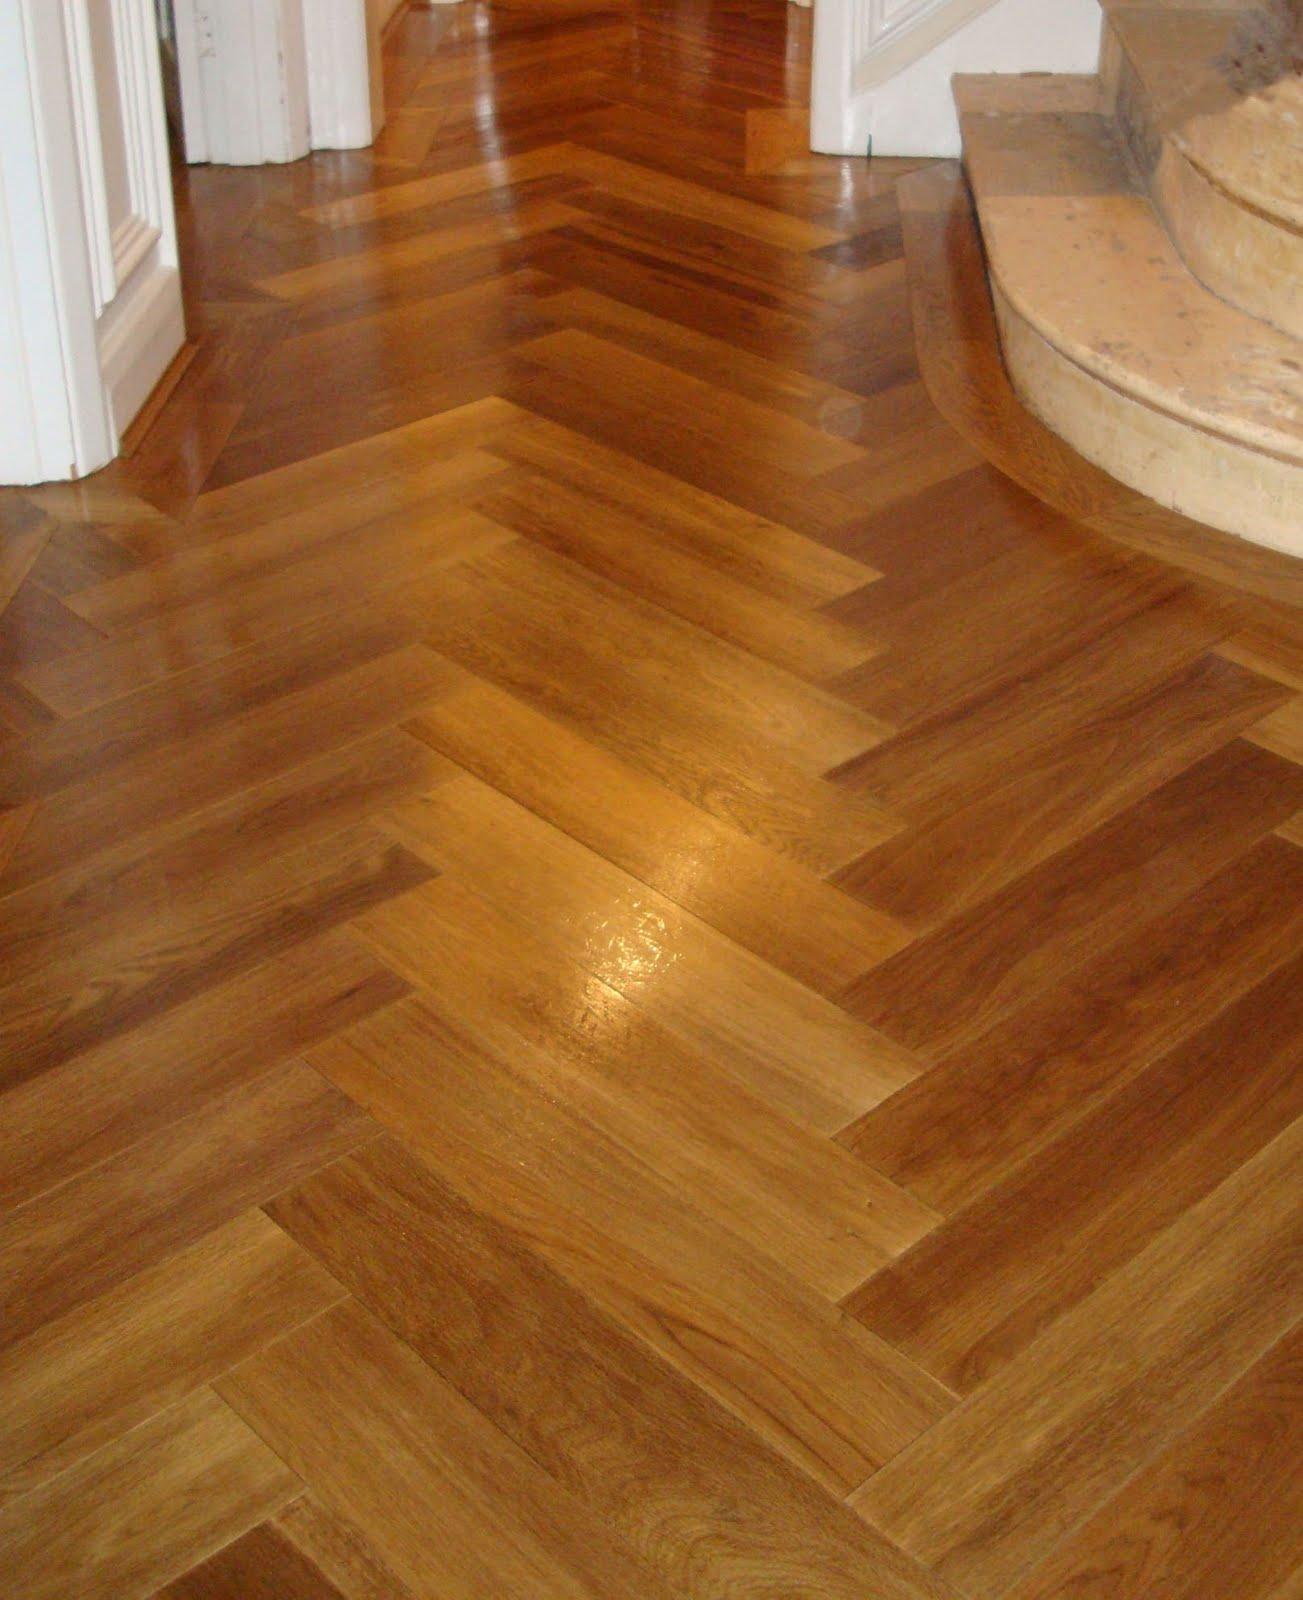 hardwood flooring designs on layout wood floors my design ideas floor in 2017 and hardwood designs FFWCDXH